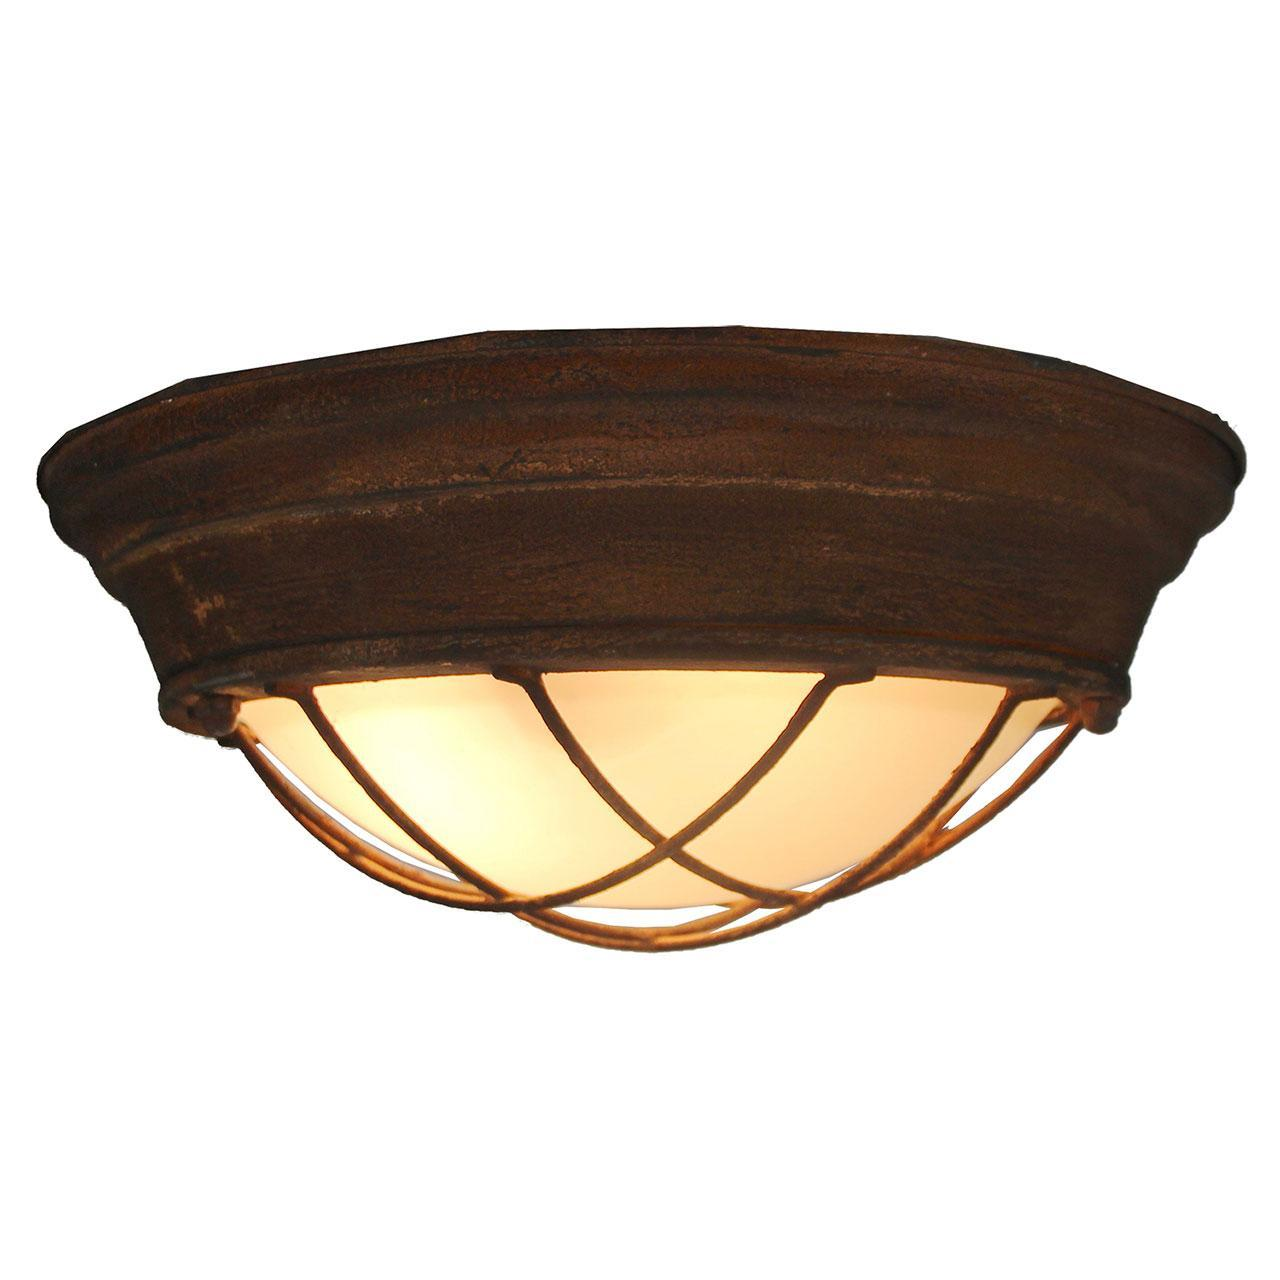 Купить со скидкой Потолочный светильник в стиле лофт